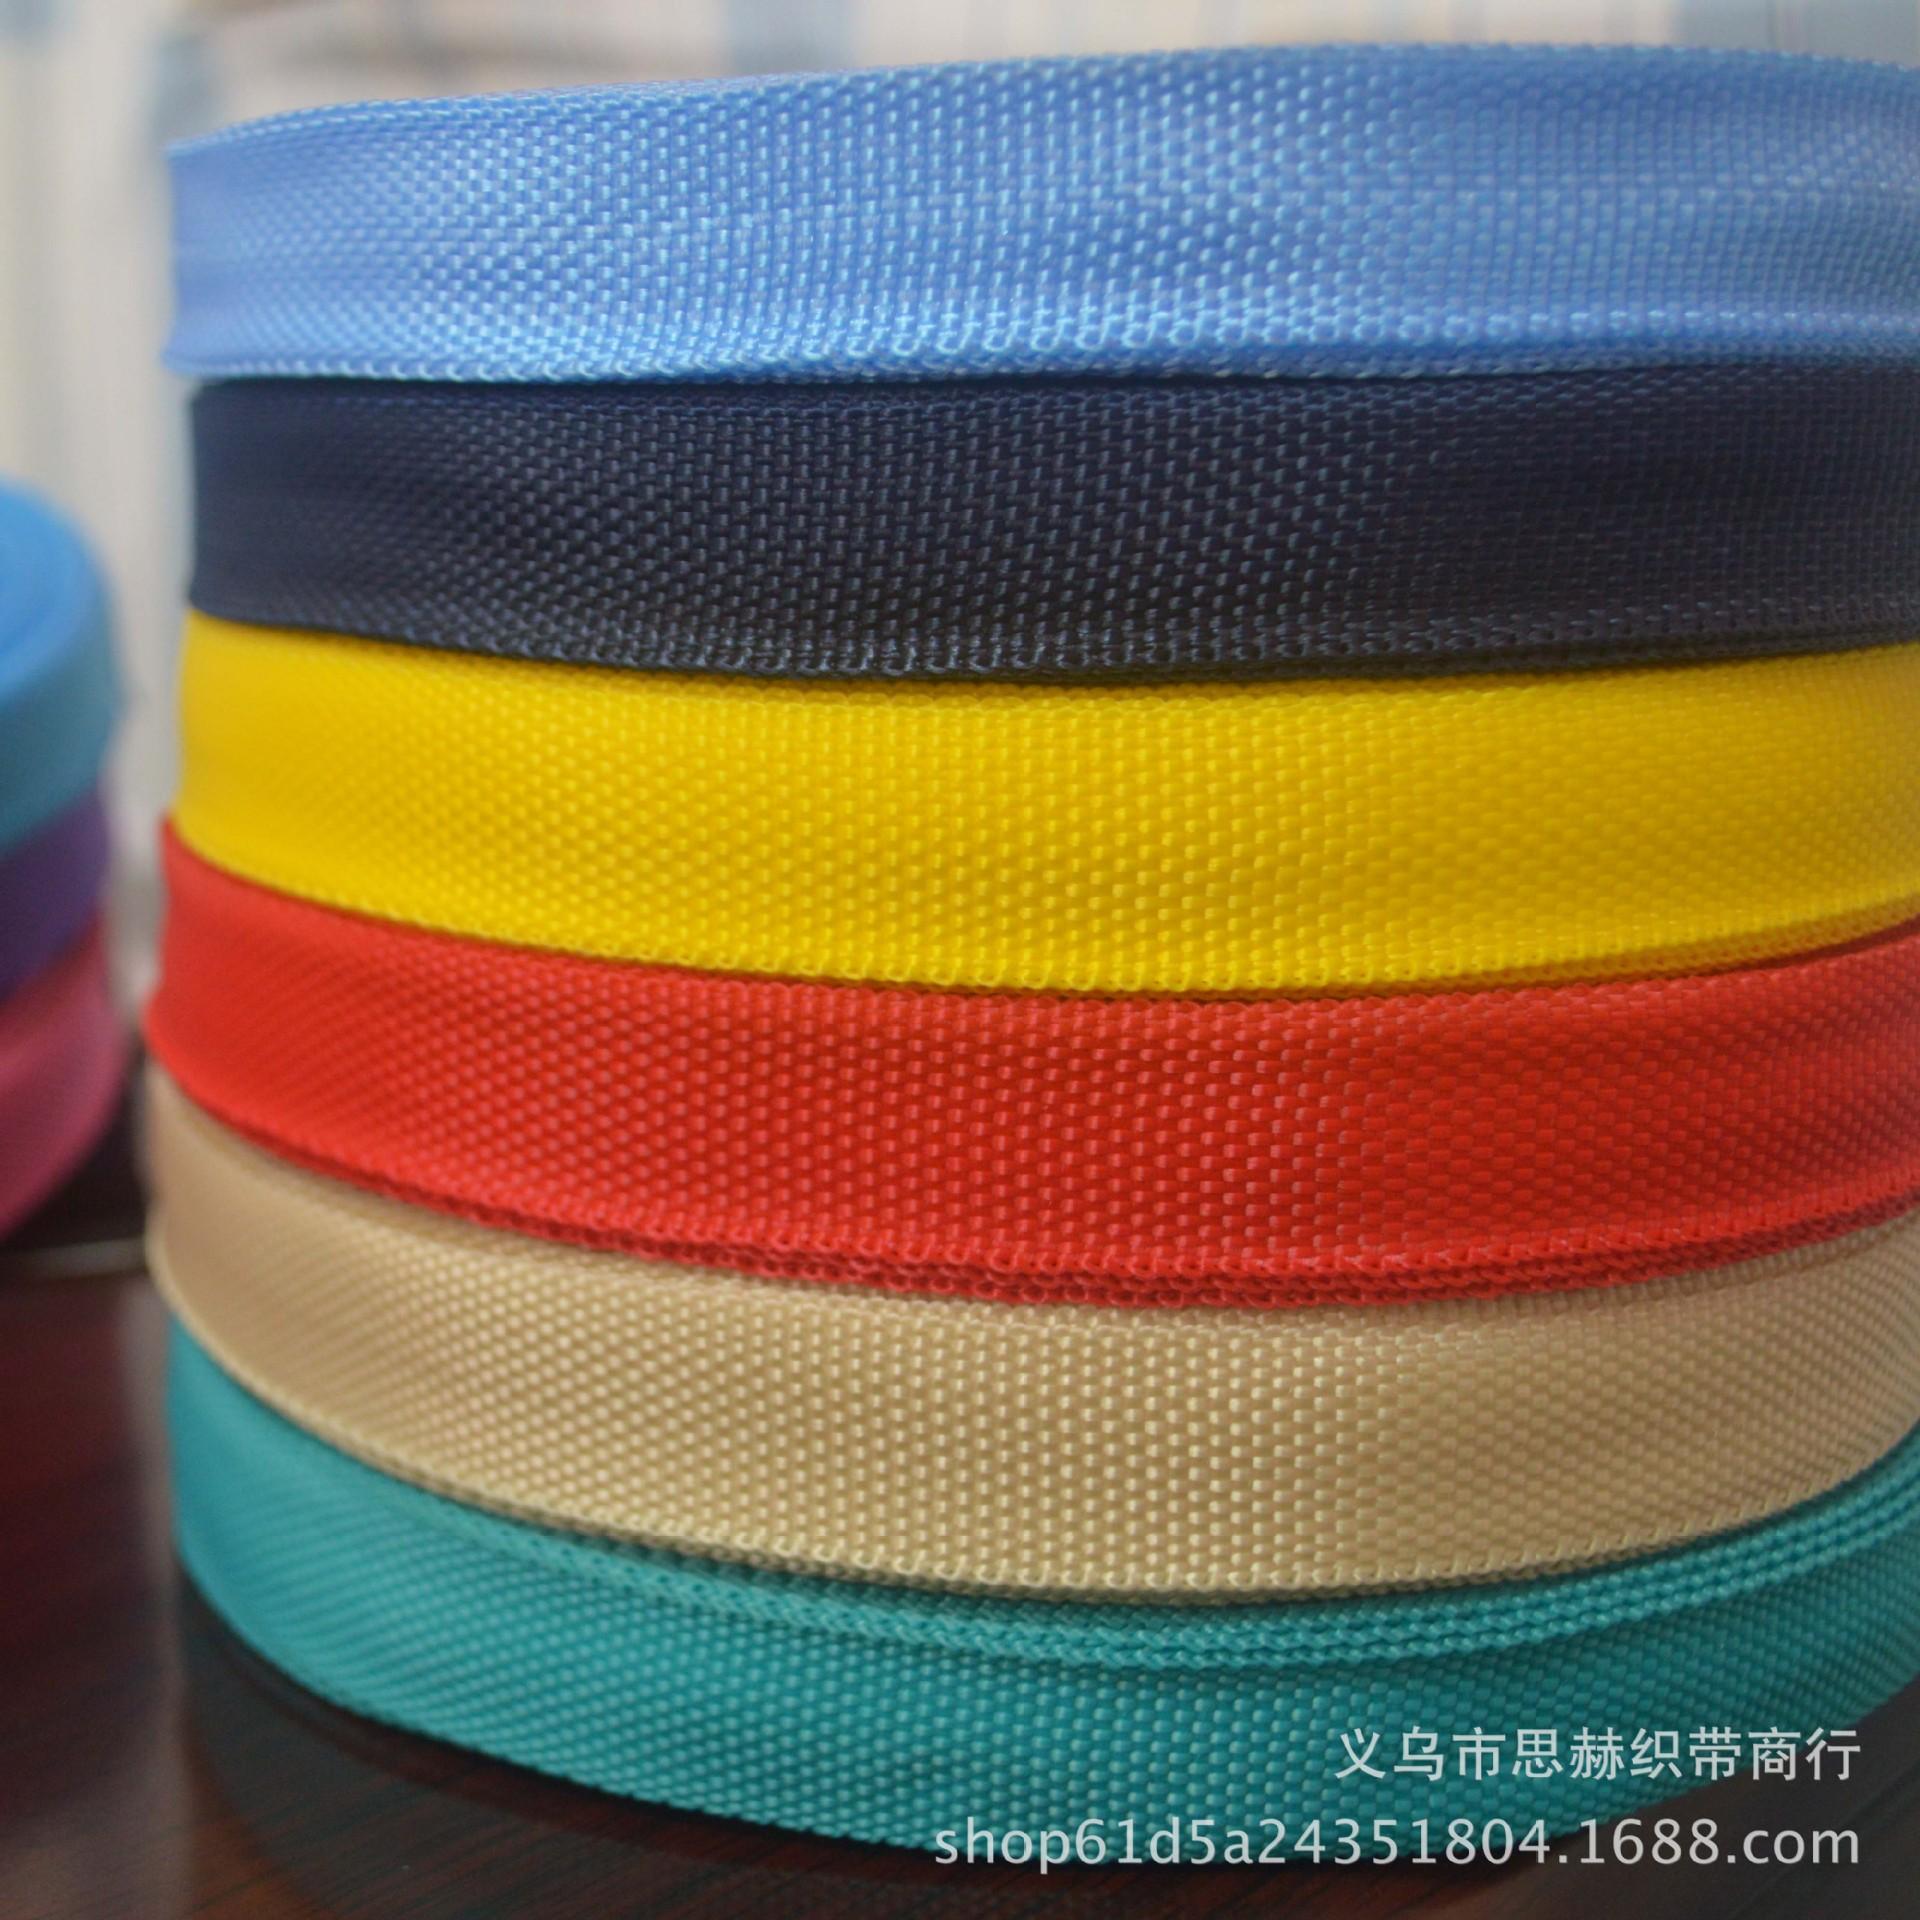 促销 平纹彩色织带 多规格丙纶织带 pp包边带 厂家现货批发 可定